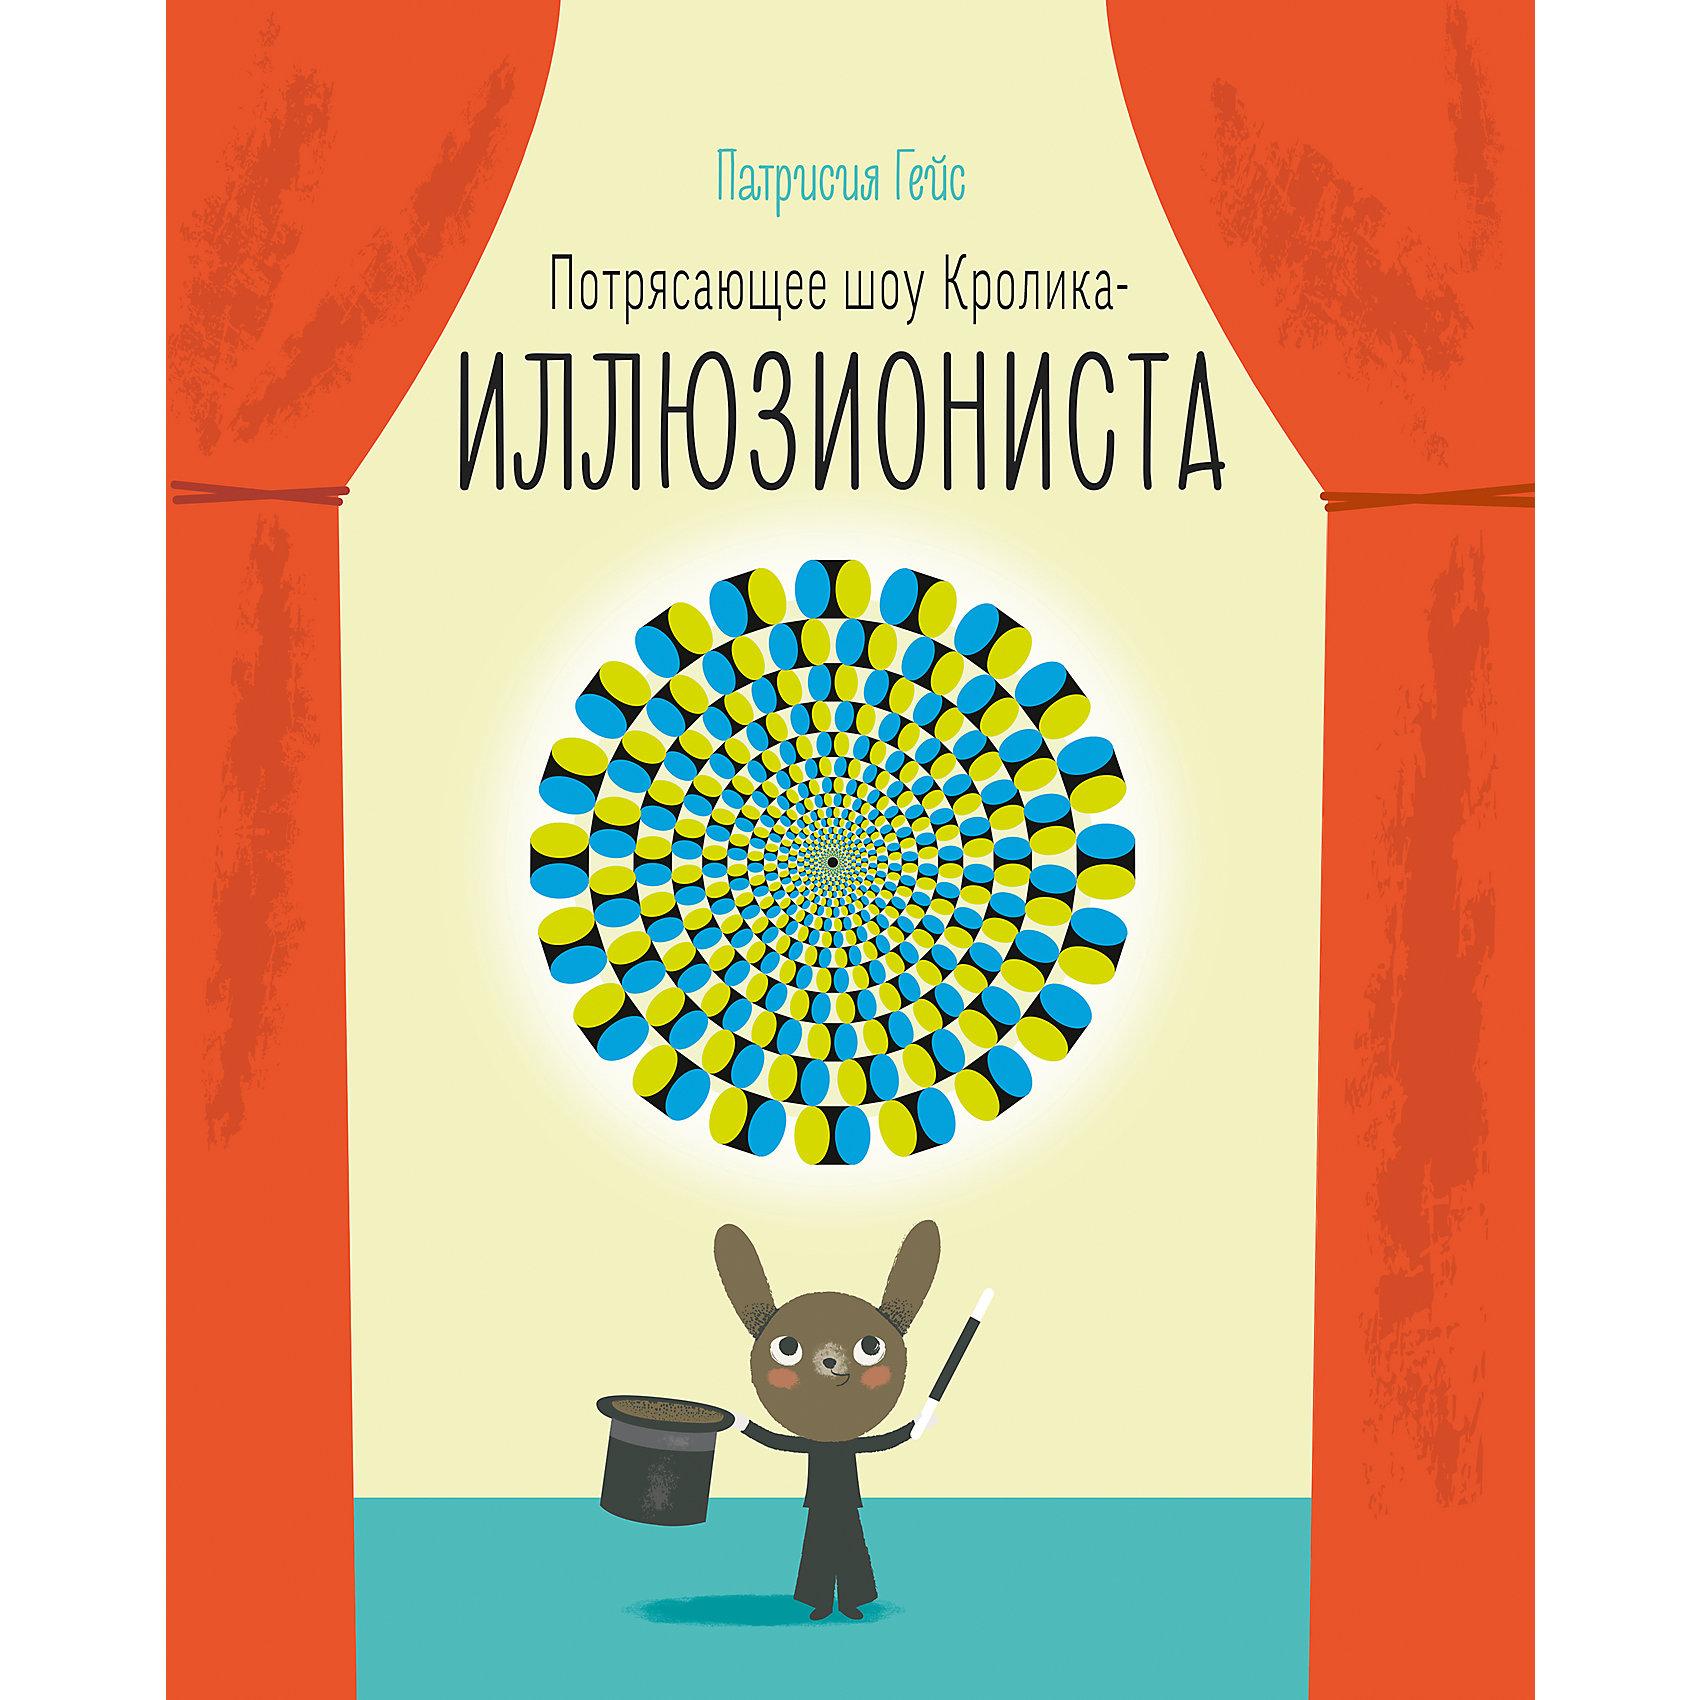 Потрясающее шоу кролика-иллюзионистаМанн, Иванов и Фербер<br>Добро пожаловать на потрясающее шоу Кролика-иллюзиониста! Скоро ты увидишь самые настоящие чудеса! Тебе нужно лишь сосредоточиться, задействовать силу мысли и поверить в волшебство! Более 25 удивительных оптических иллюзий ждет тебя внутри!<br><br>Ширина мм: 281<br>Глубина мм: 229<br>Высота мм: 80<br>Вес г: 398<br>Возраст от месяцев: 60<br>Возраст до месяцев: 2147483647<br>Пол: Унисекс<br>Возраст: Детский<br>SKU: 5535304